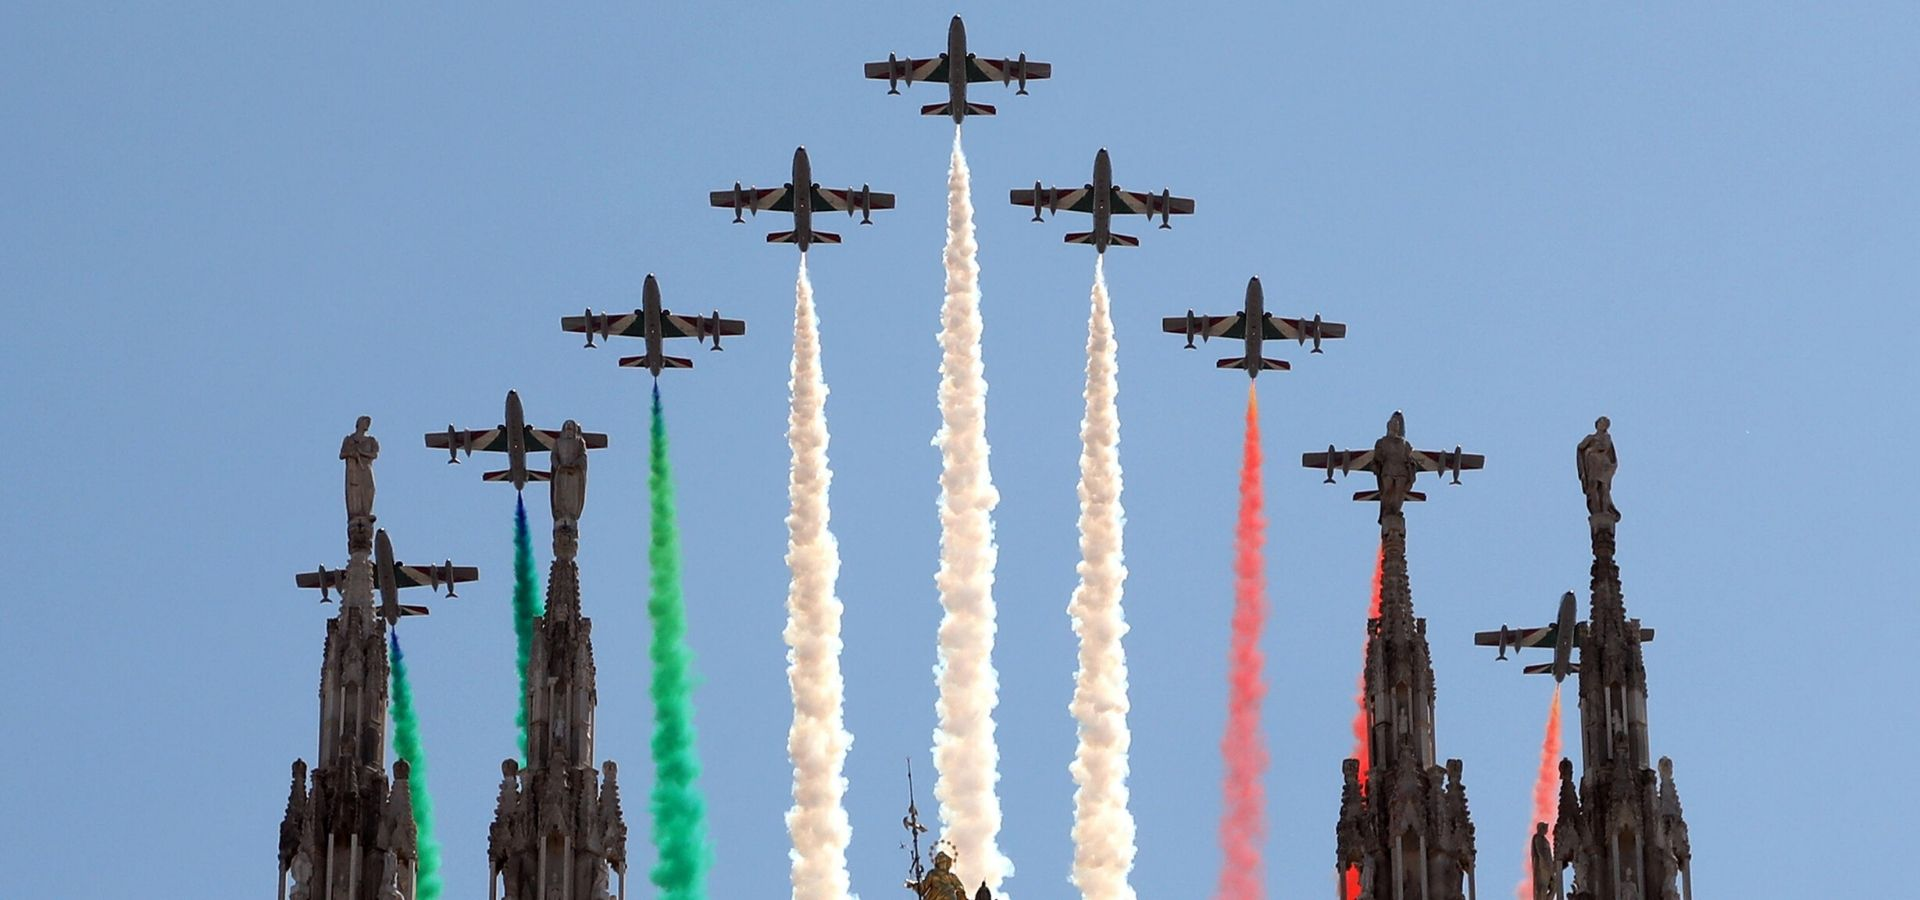 ELLCI_cosa si festeggia il 2 giugno in italia frecce tricolori